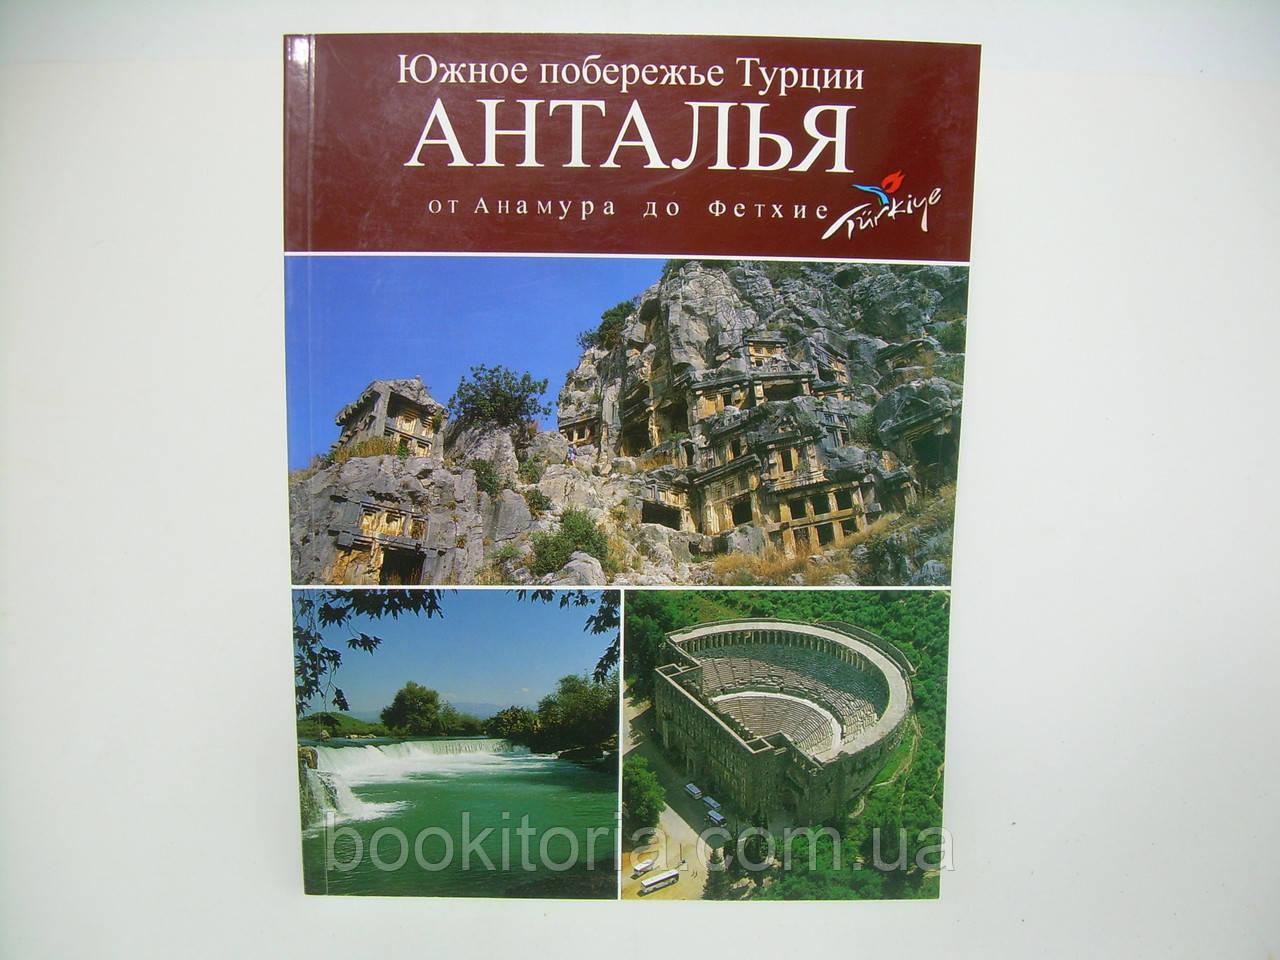 Чимрин Х. Анталья (б/у).